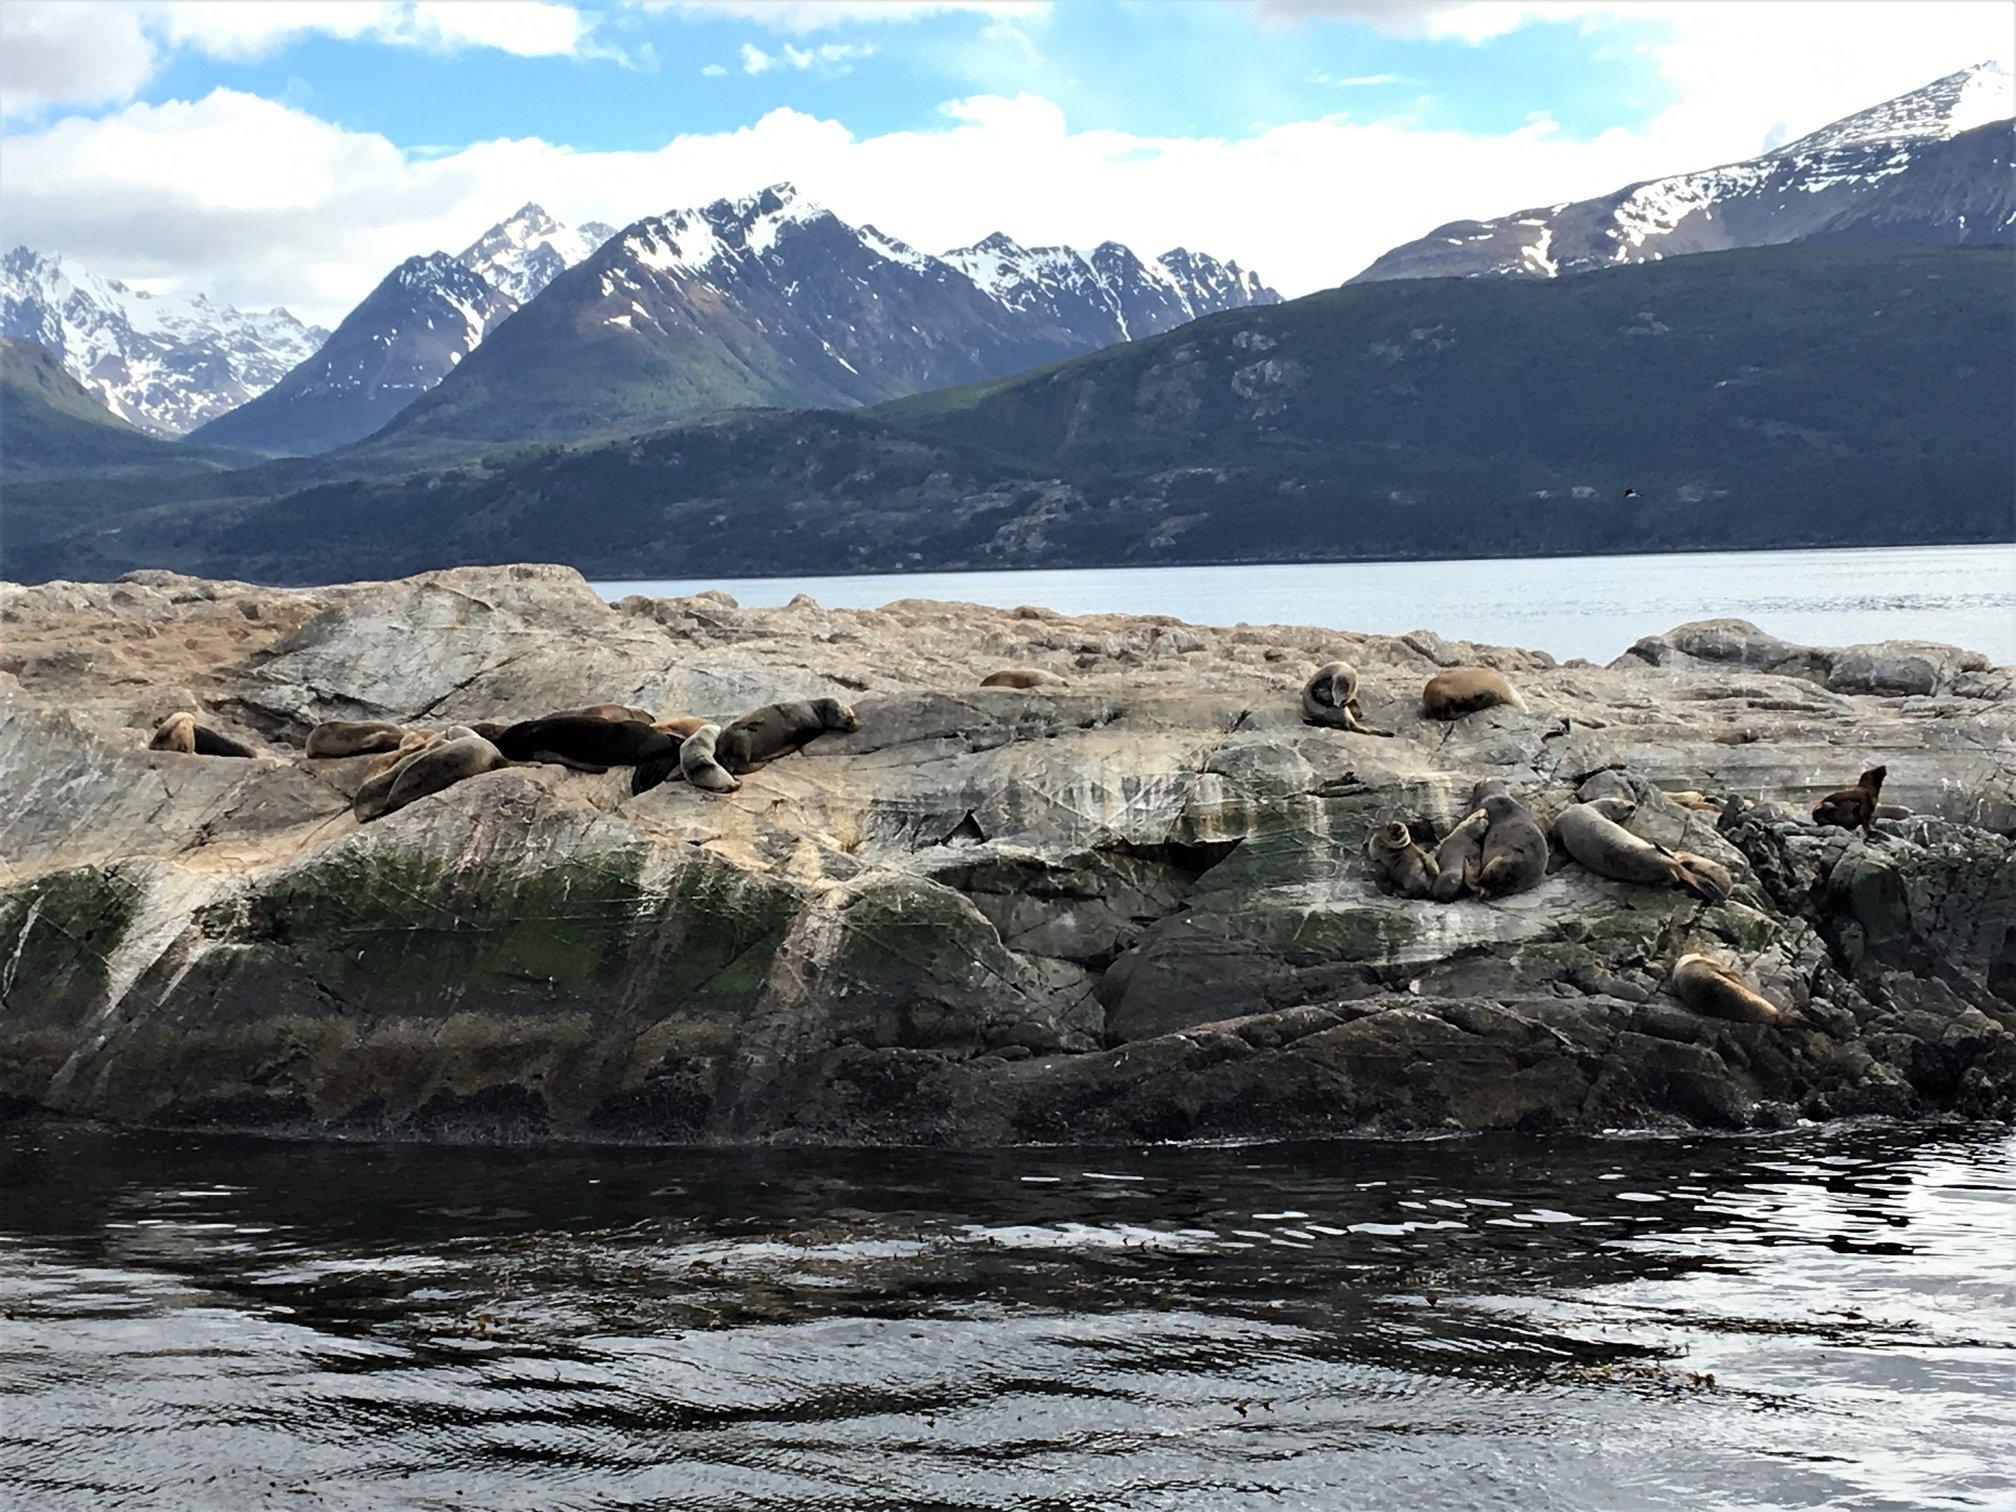 passeio de barco leos marinhos ushuaia fim do mundo leroyviagens.jpg